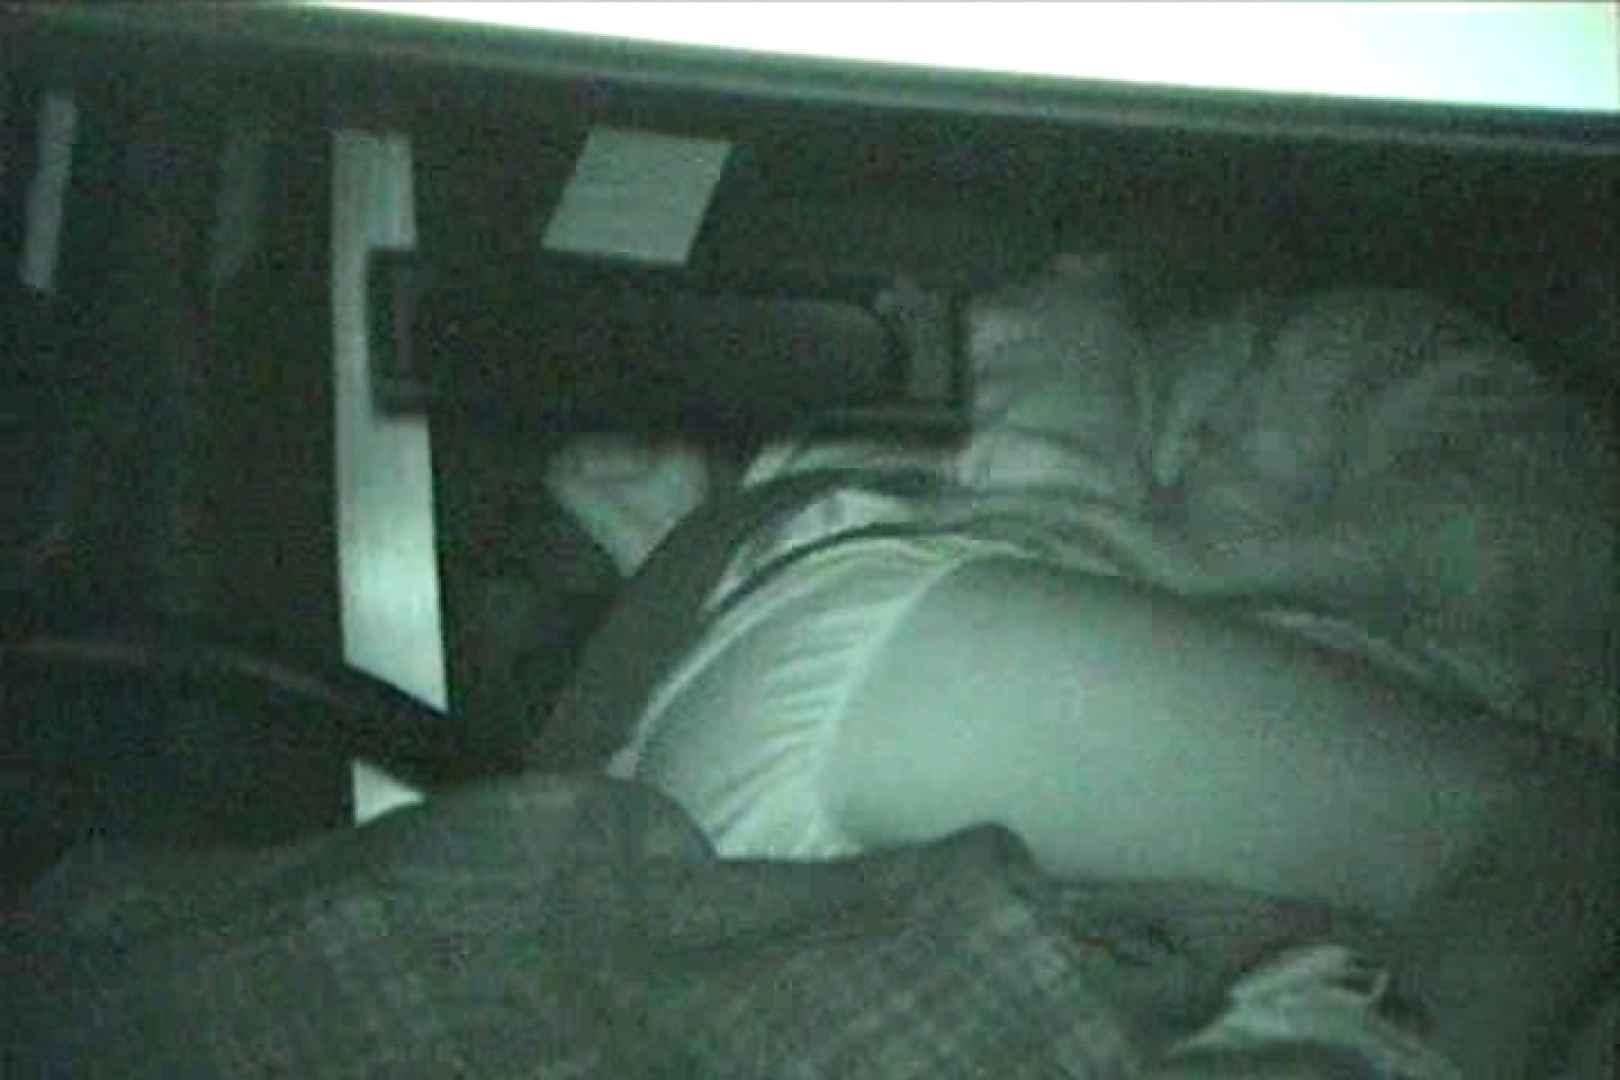 車の中はラブホテル 無修正版  Vol.27 車 オマンコ動画キャプチャ 91画像 37